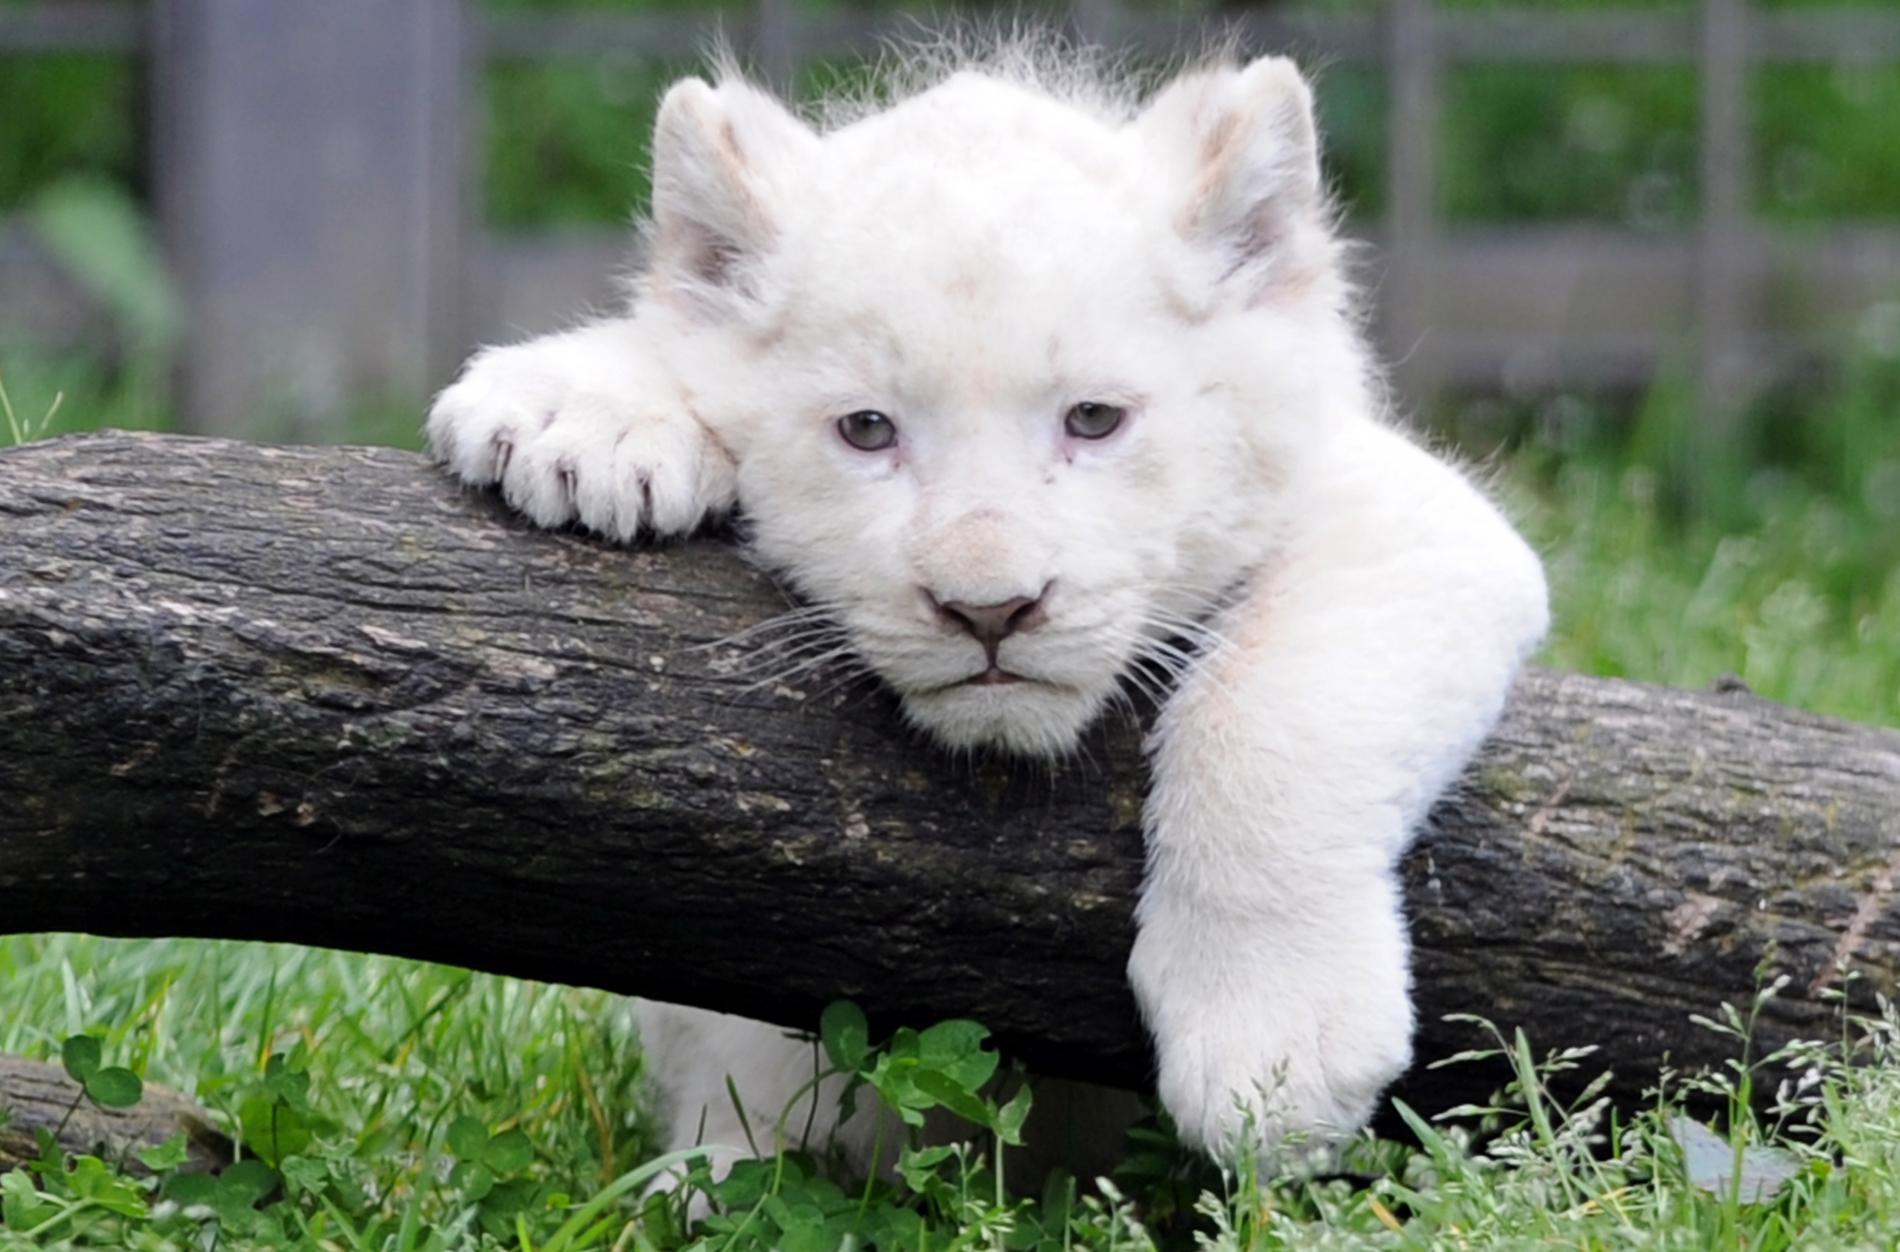 b b lion blanc pourquoi ces animaux sont ils tr s rares de nos jours. Black Bedroom Furniture Sets. Home Design Ideas